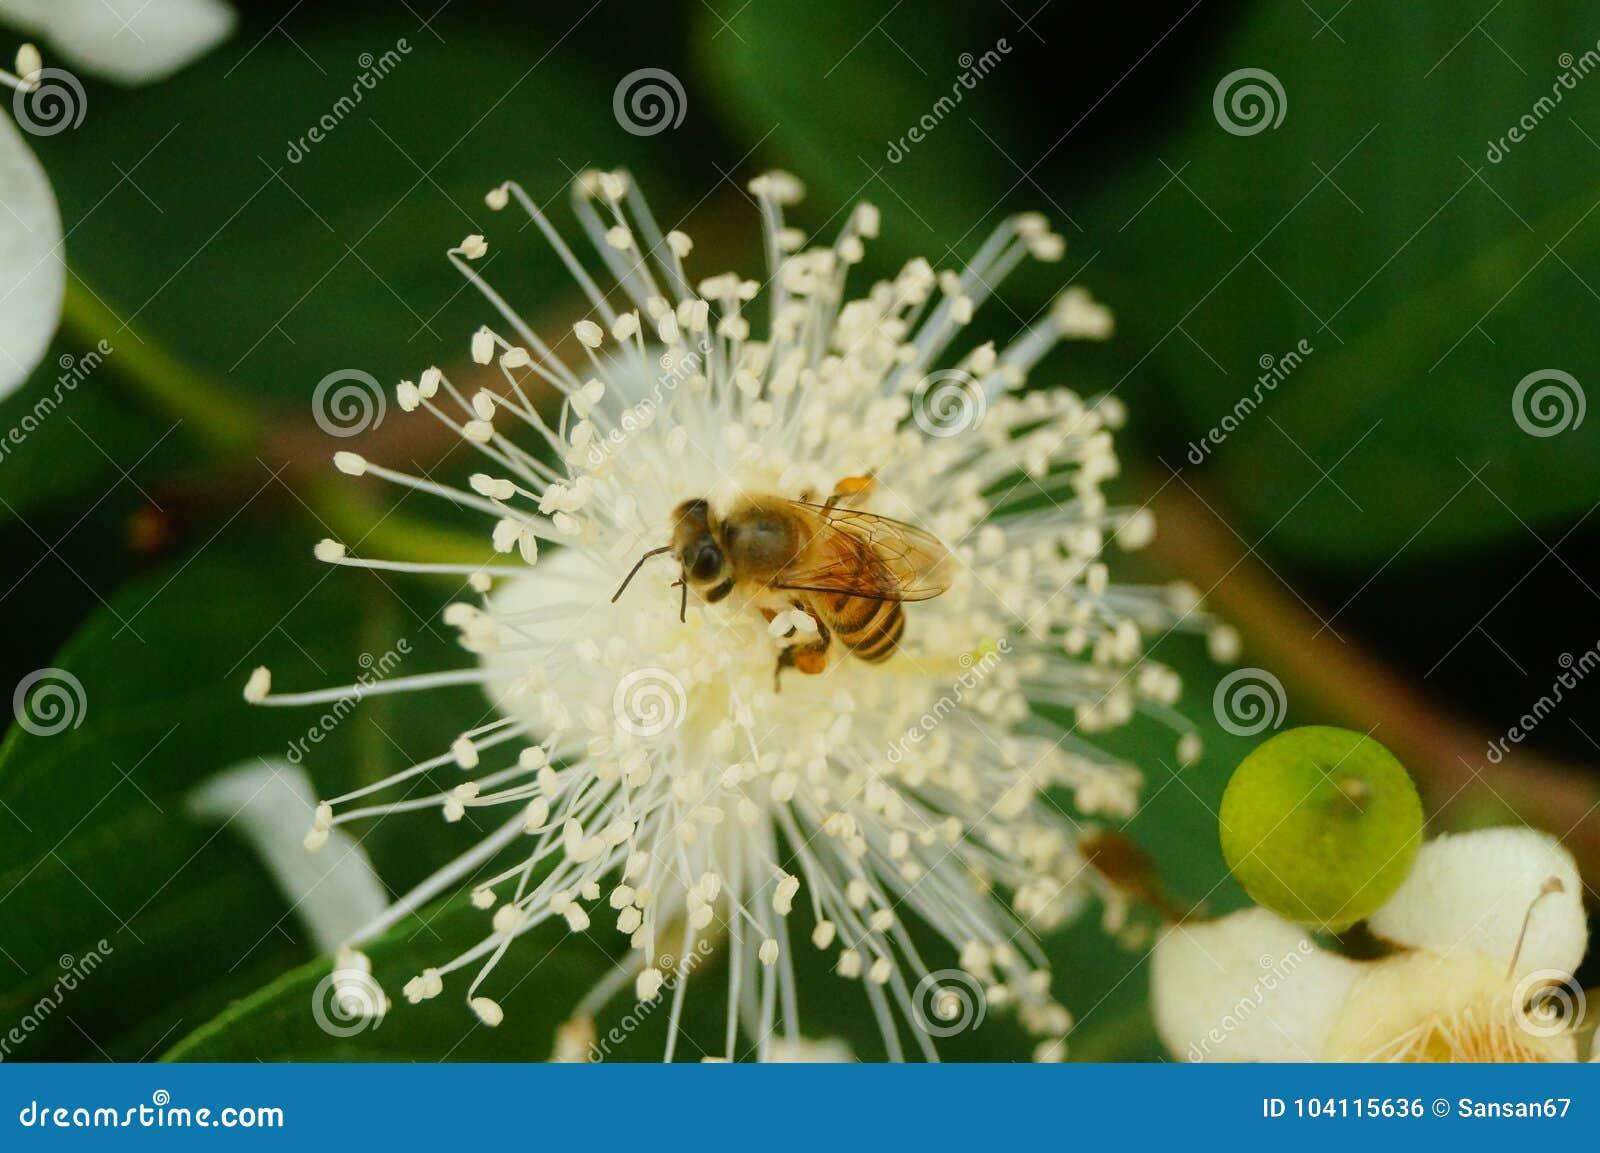 蜂在白花放置他们的头并且采摘蜂蜜